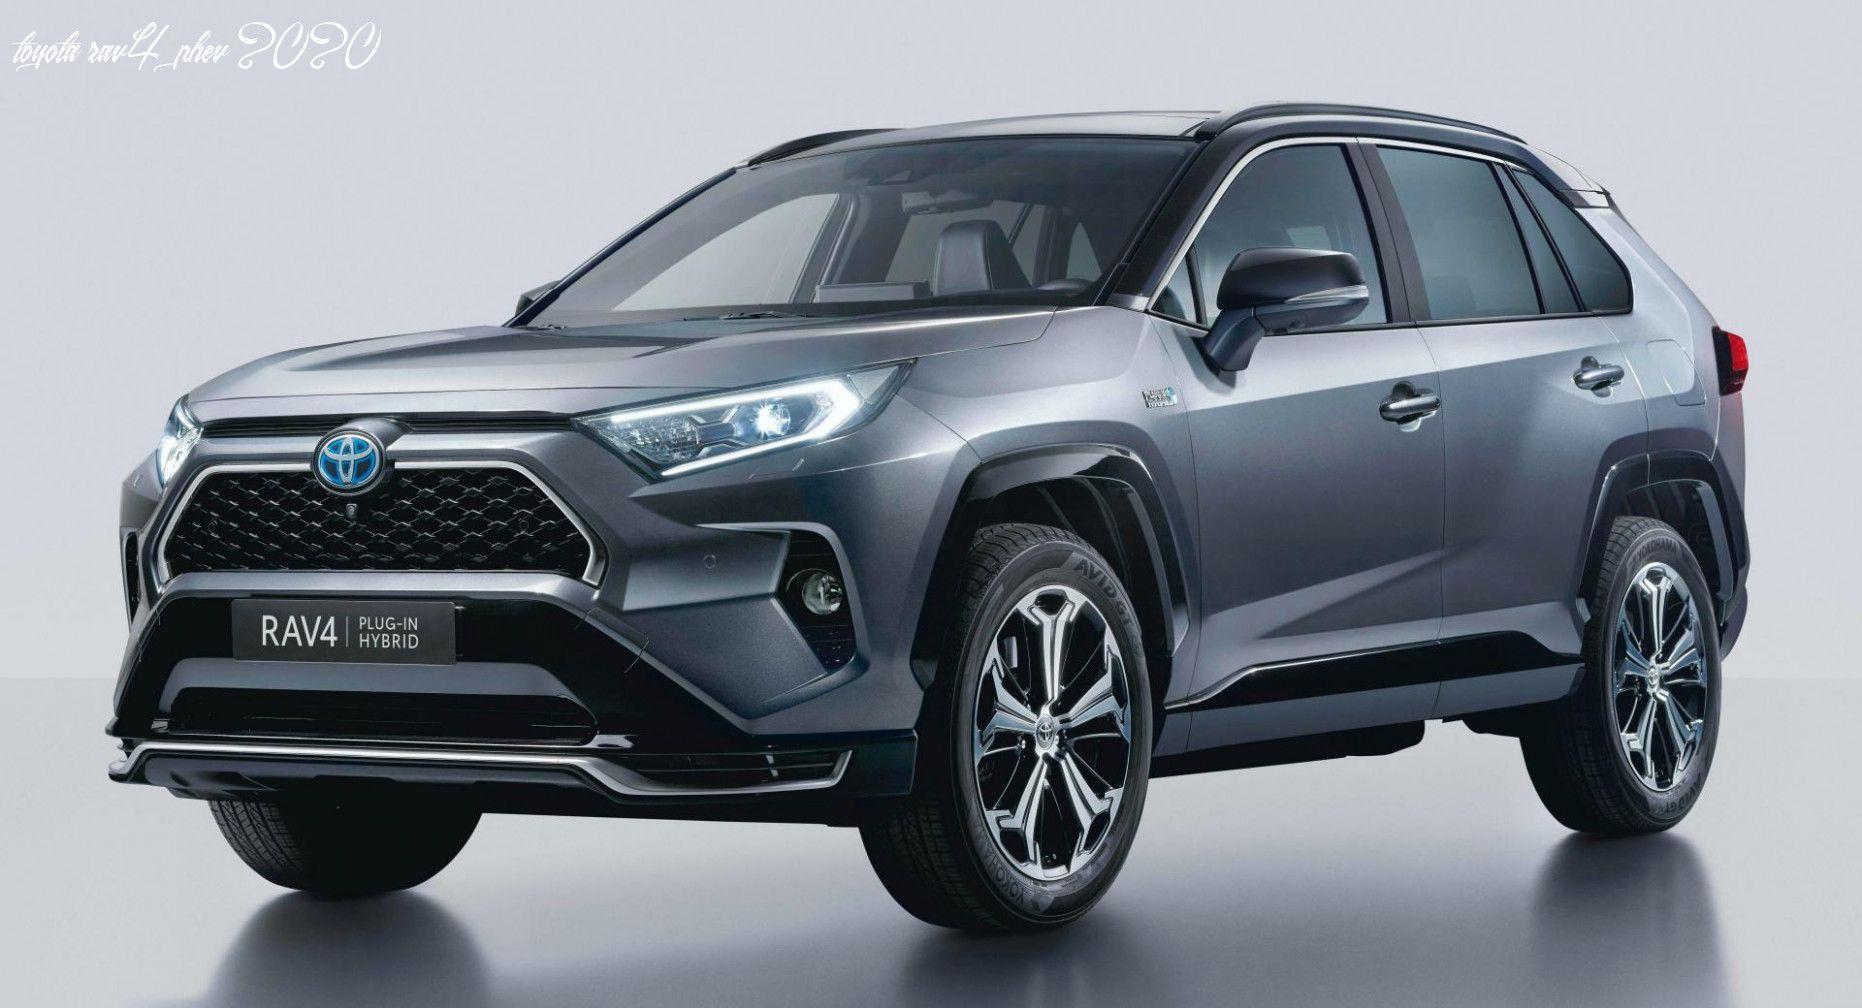 Toyota Rav4 Phev 2020 In 2020 Toyota Rav4 Toyota Rav4